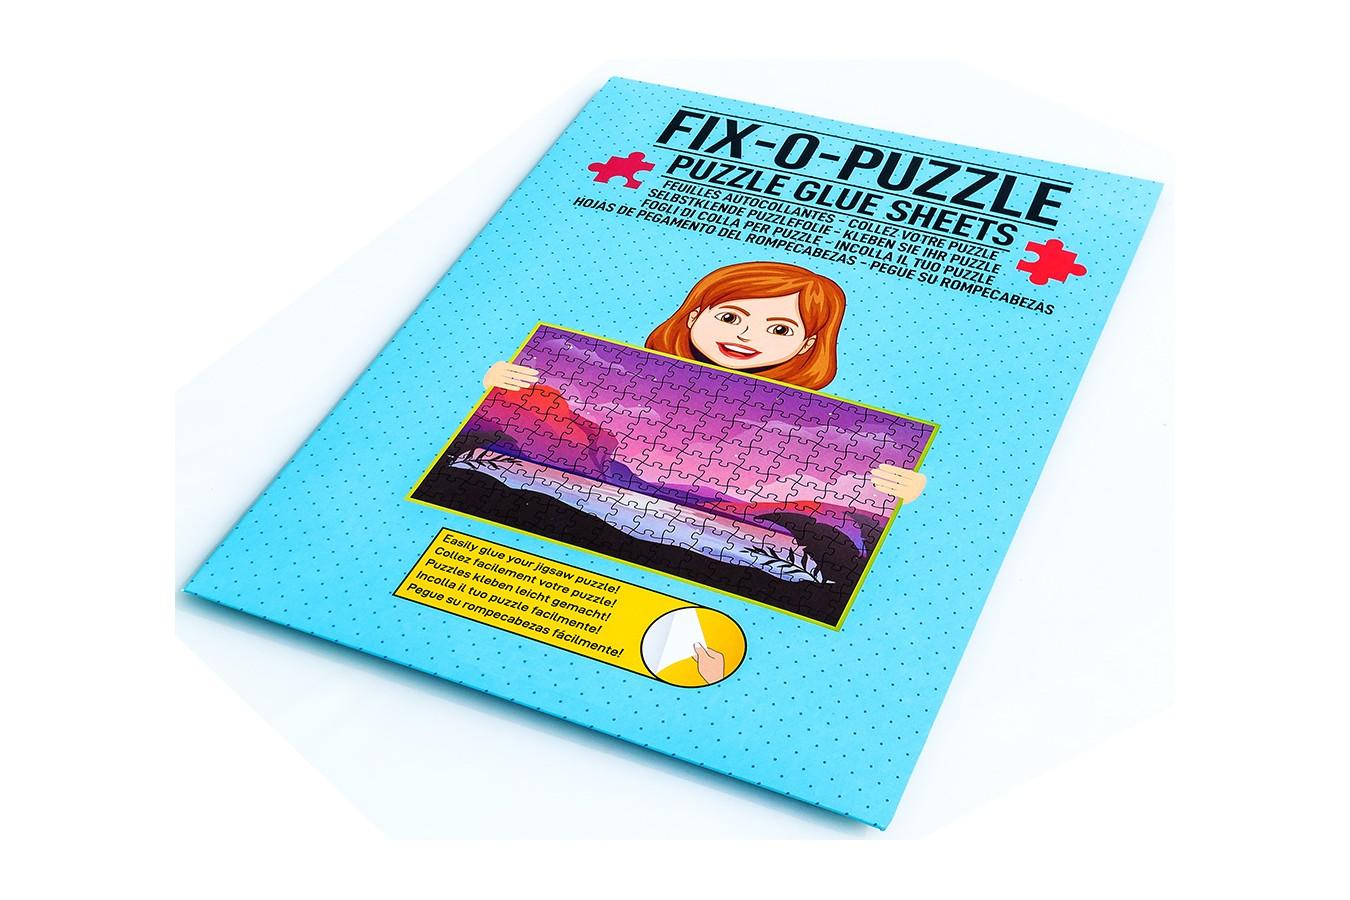 Folie pentru lipit puzzle, alba (WLP-3000) imagine